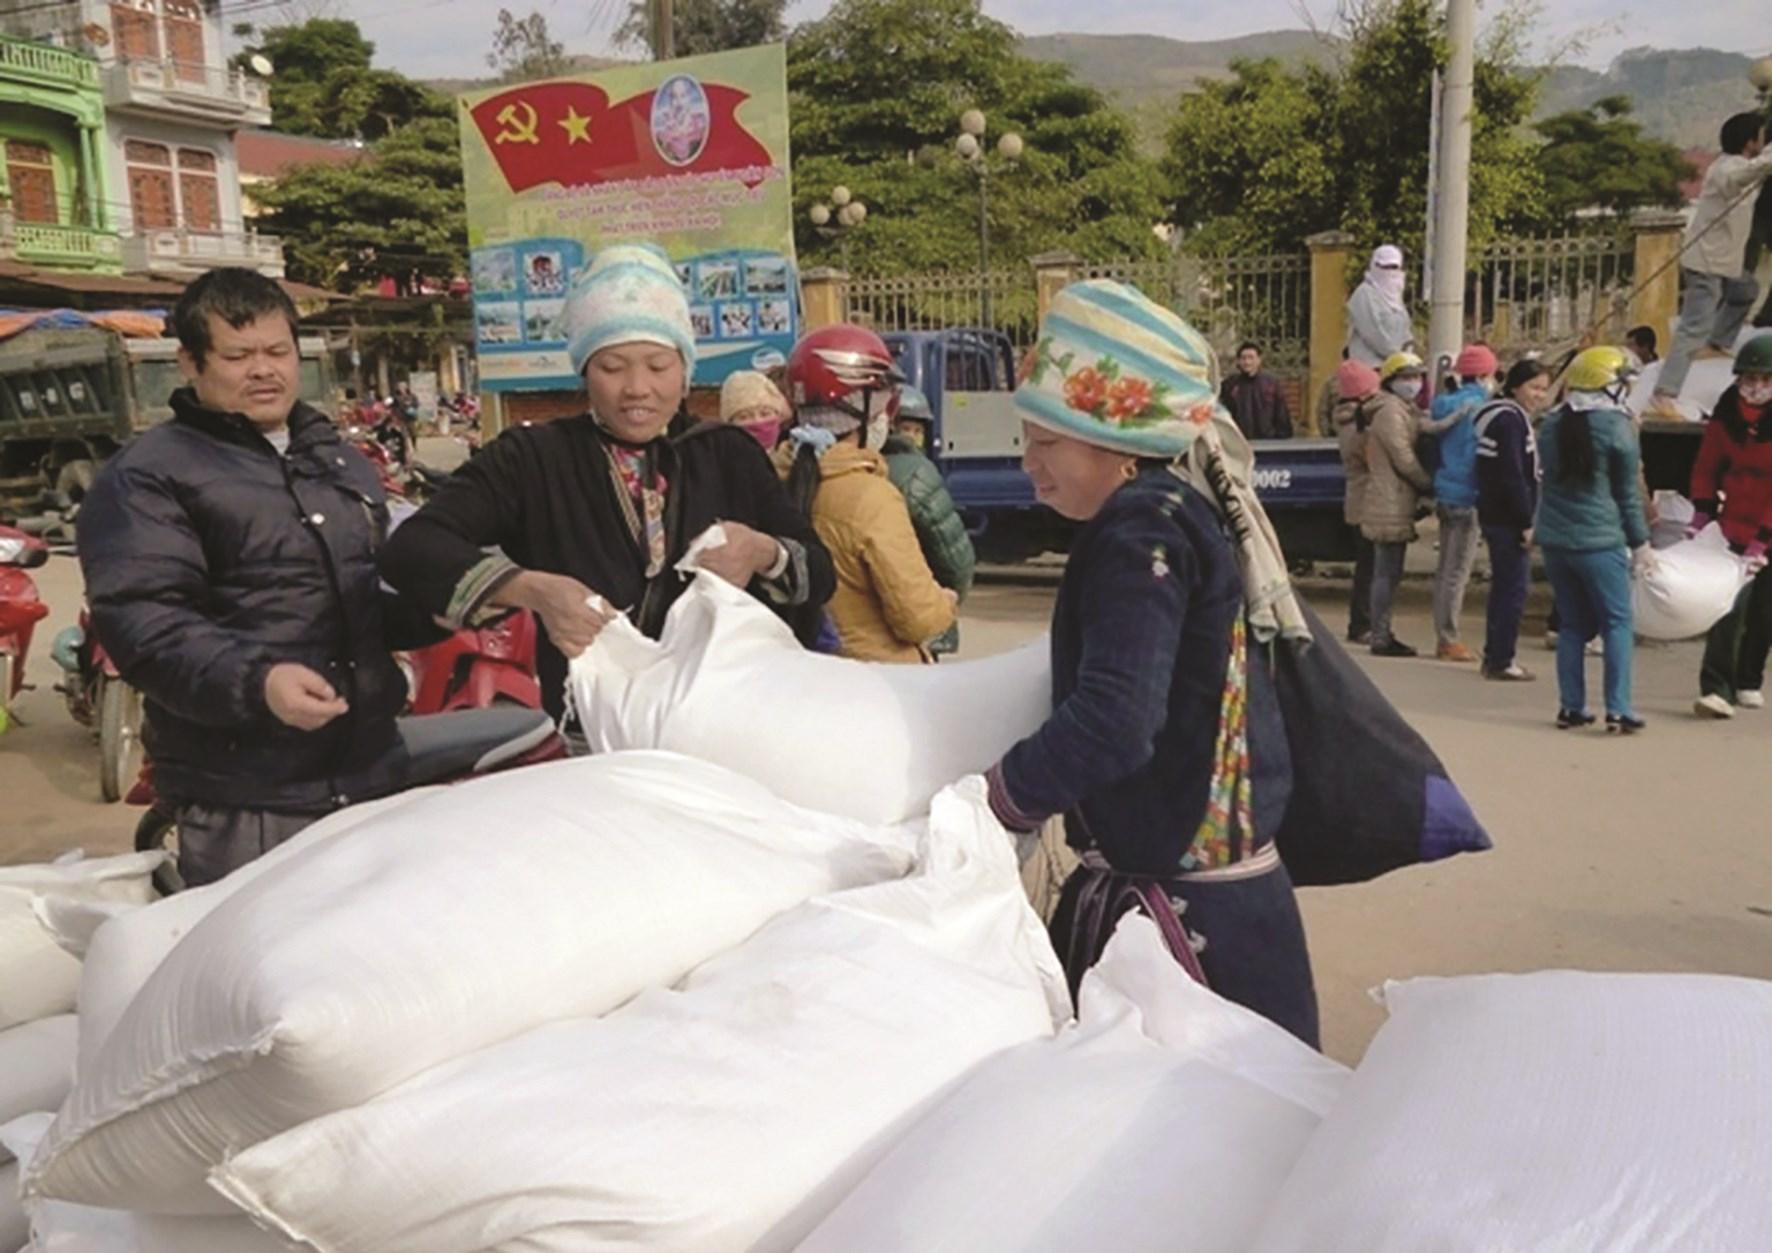 Người dân ở một số vùng DTTS và miền núi vẫn phải nhận trợ cấp gạo cứu đói sau thời điểm Tết Nguyên đán